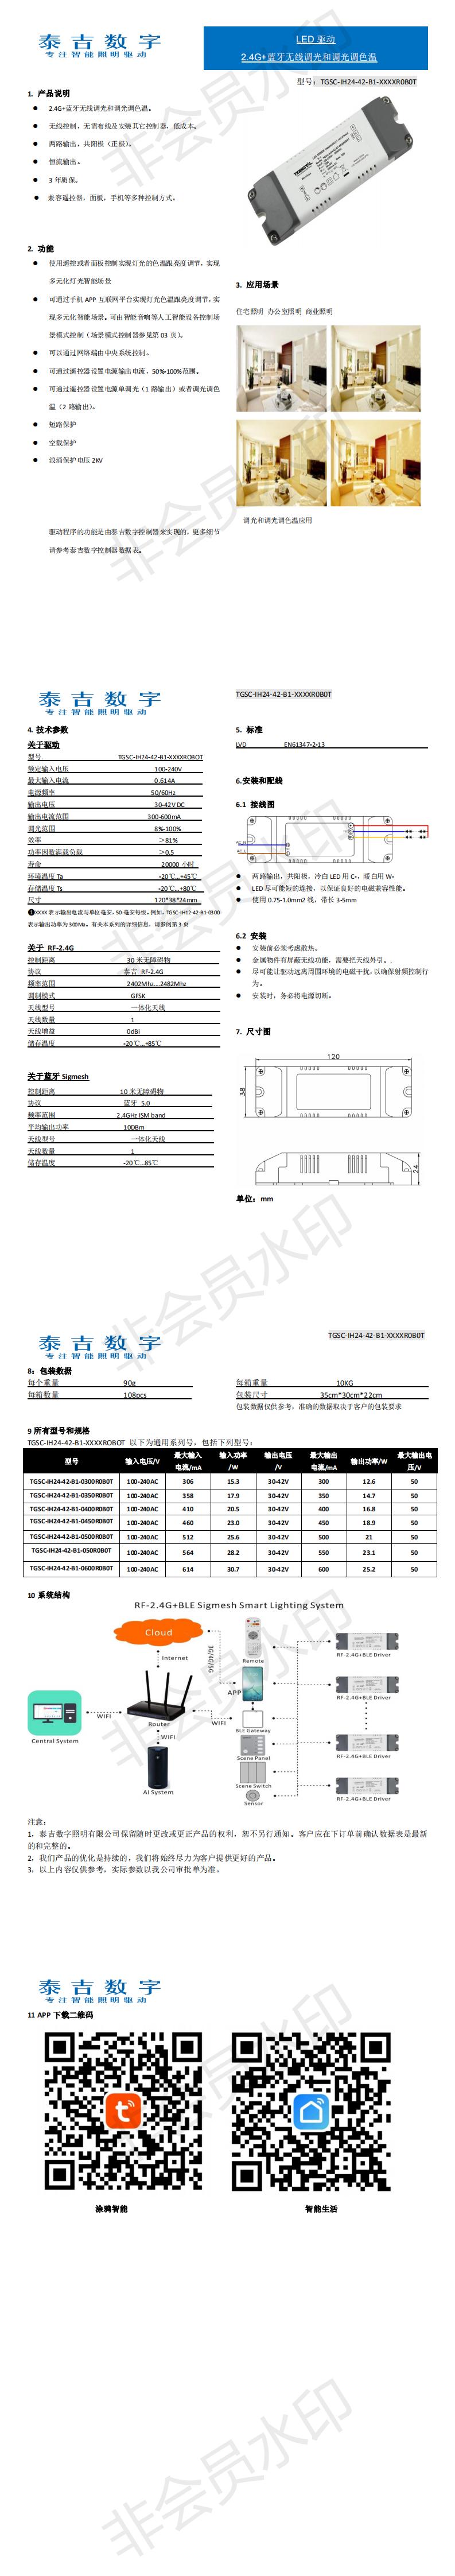 智胜24W-30-42VSigmesh-2.4G中文规格书_0